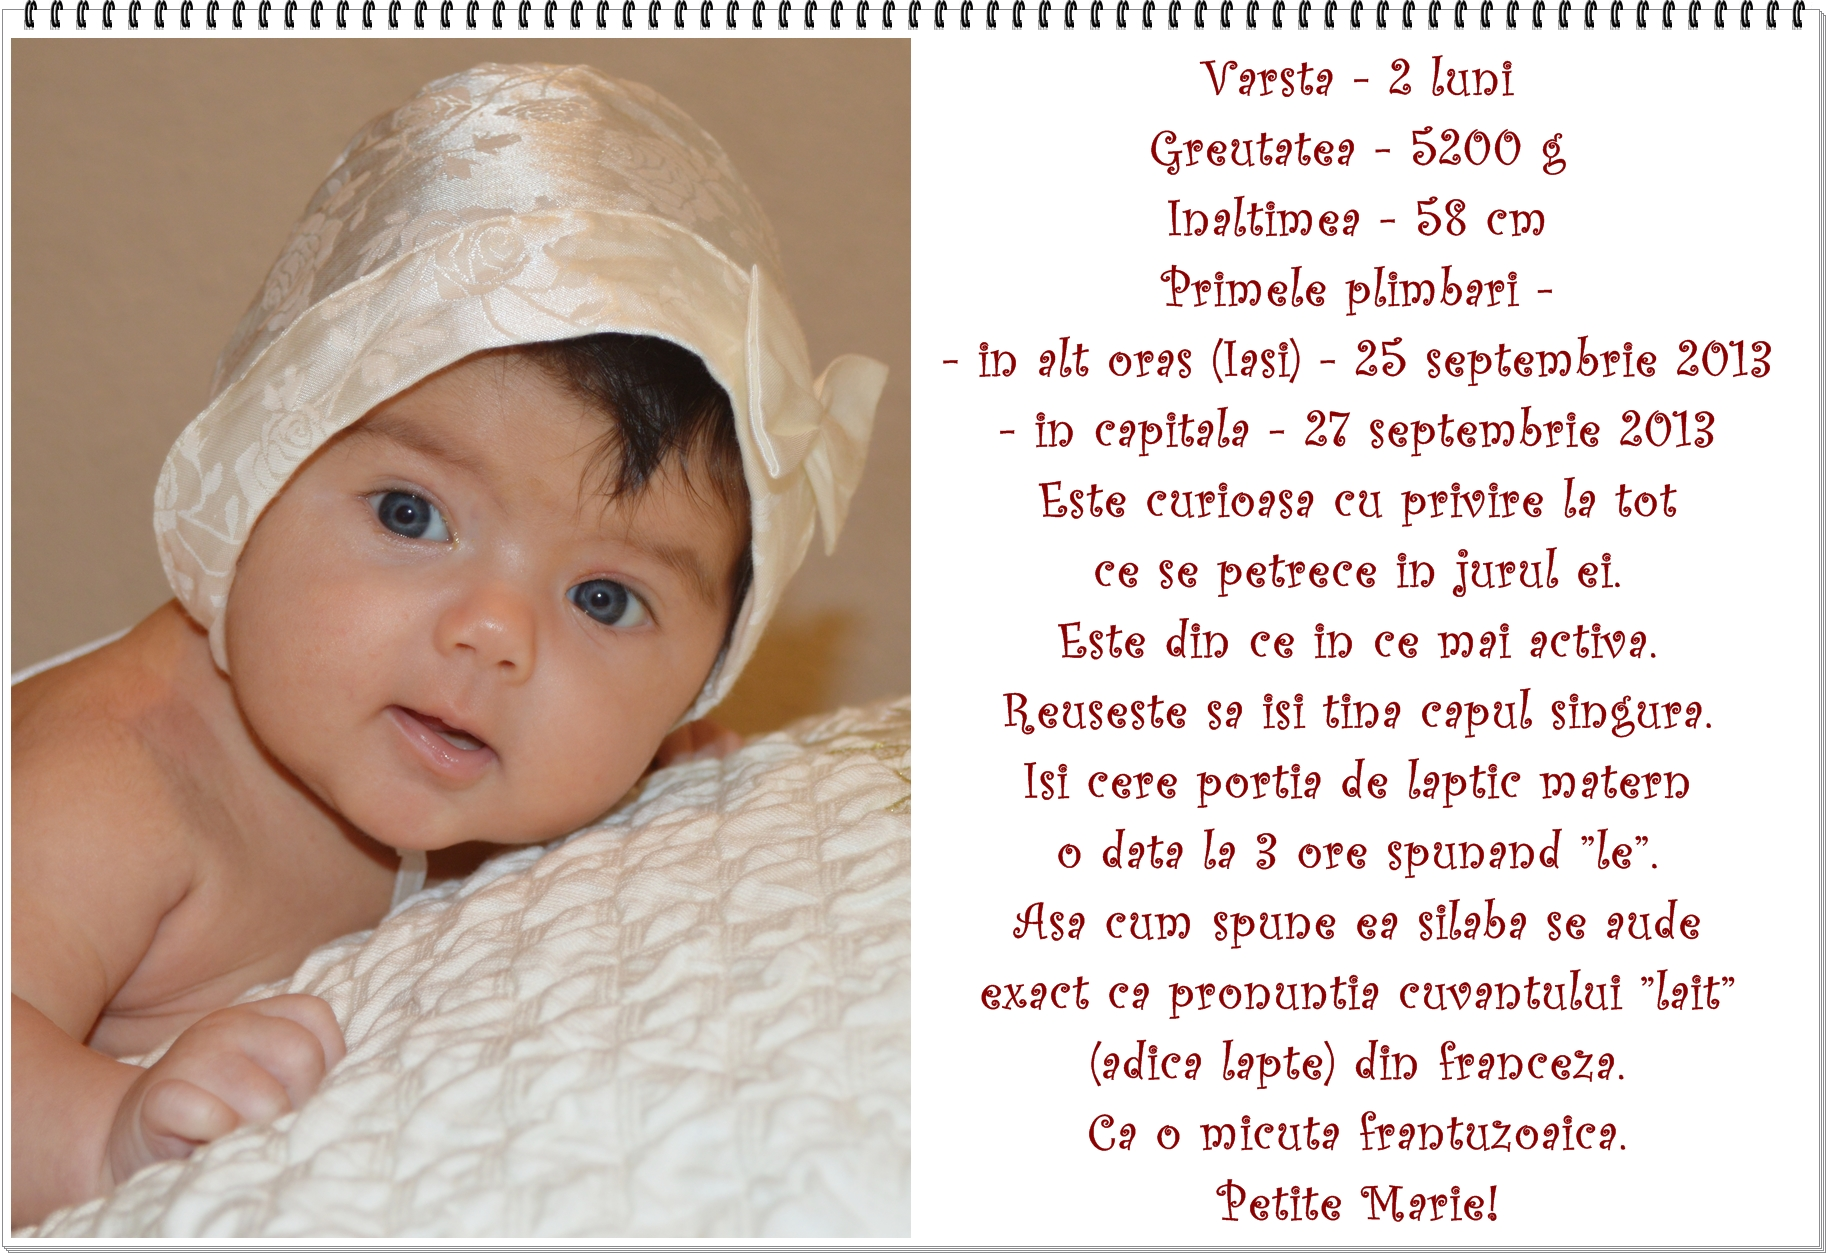 02. detalii despre bebe la 2 luni